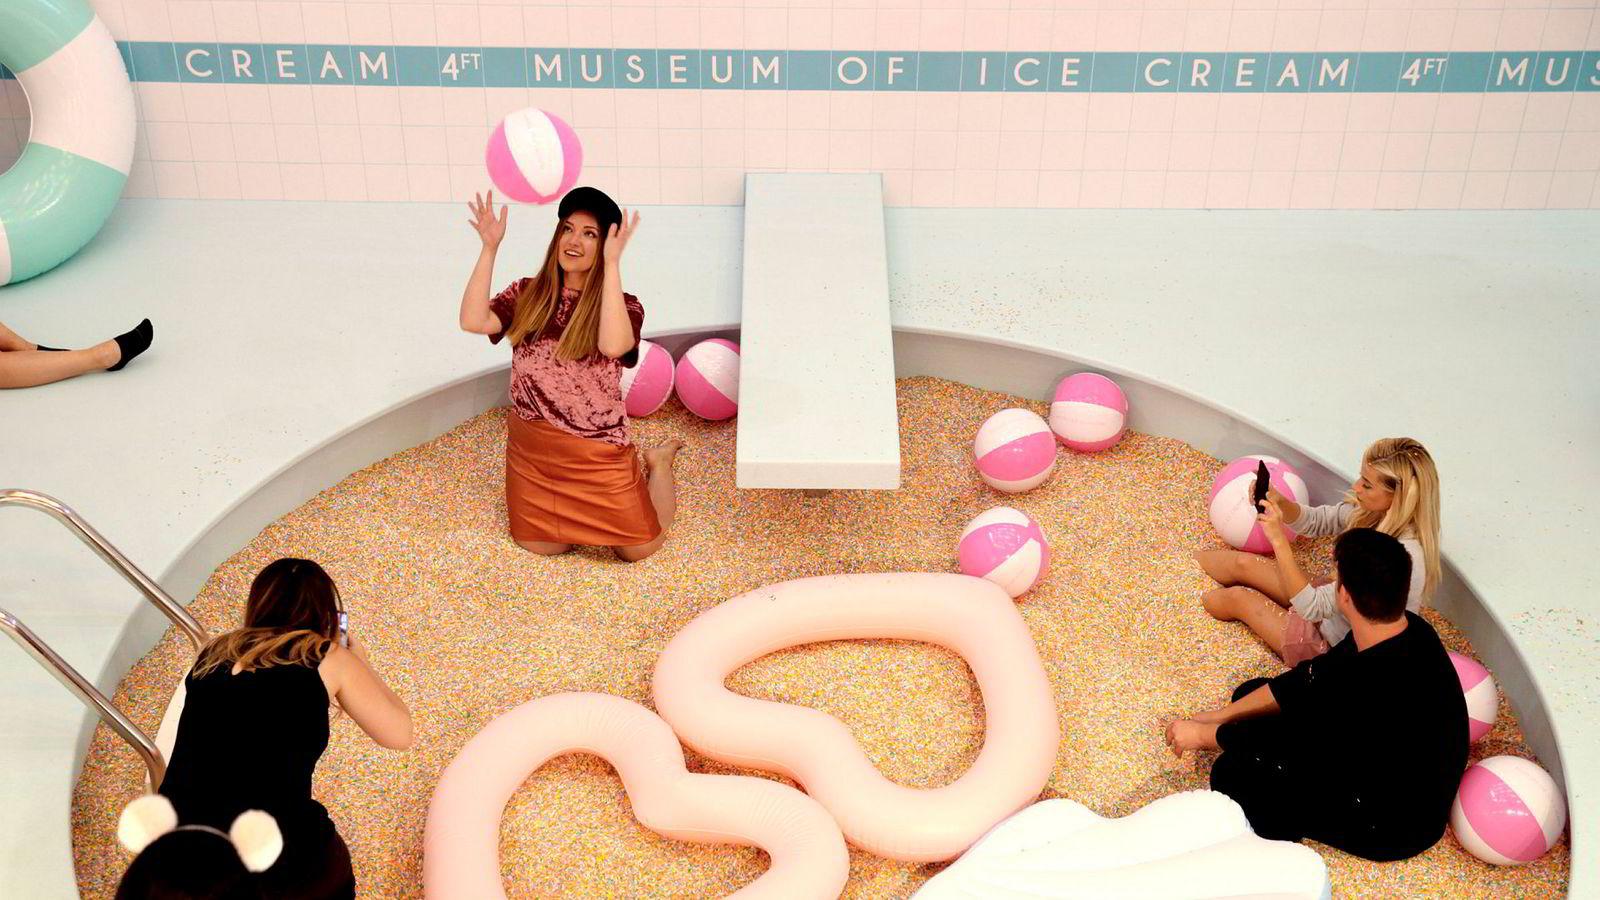 Museum of Ice Cream, hevder selv at det ikke er et museum, ei heller en butikk. Det er et slags opplevelsessenter, tilpasset sosiale medier. Og forresten selger de iskrem.